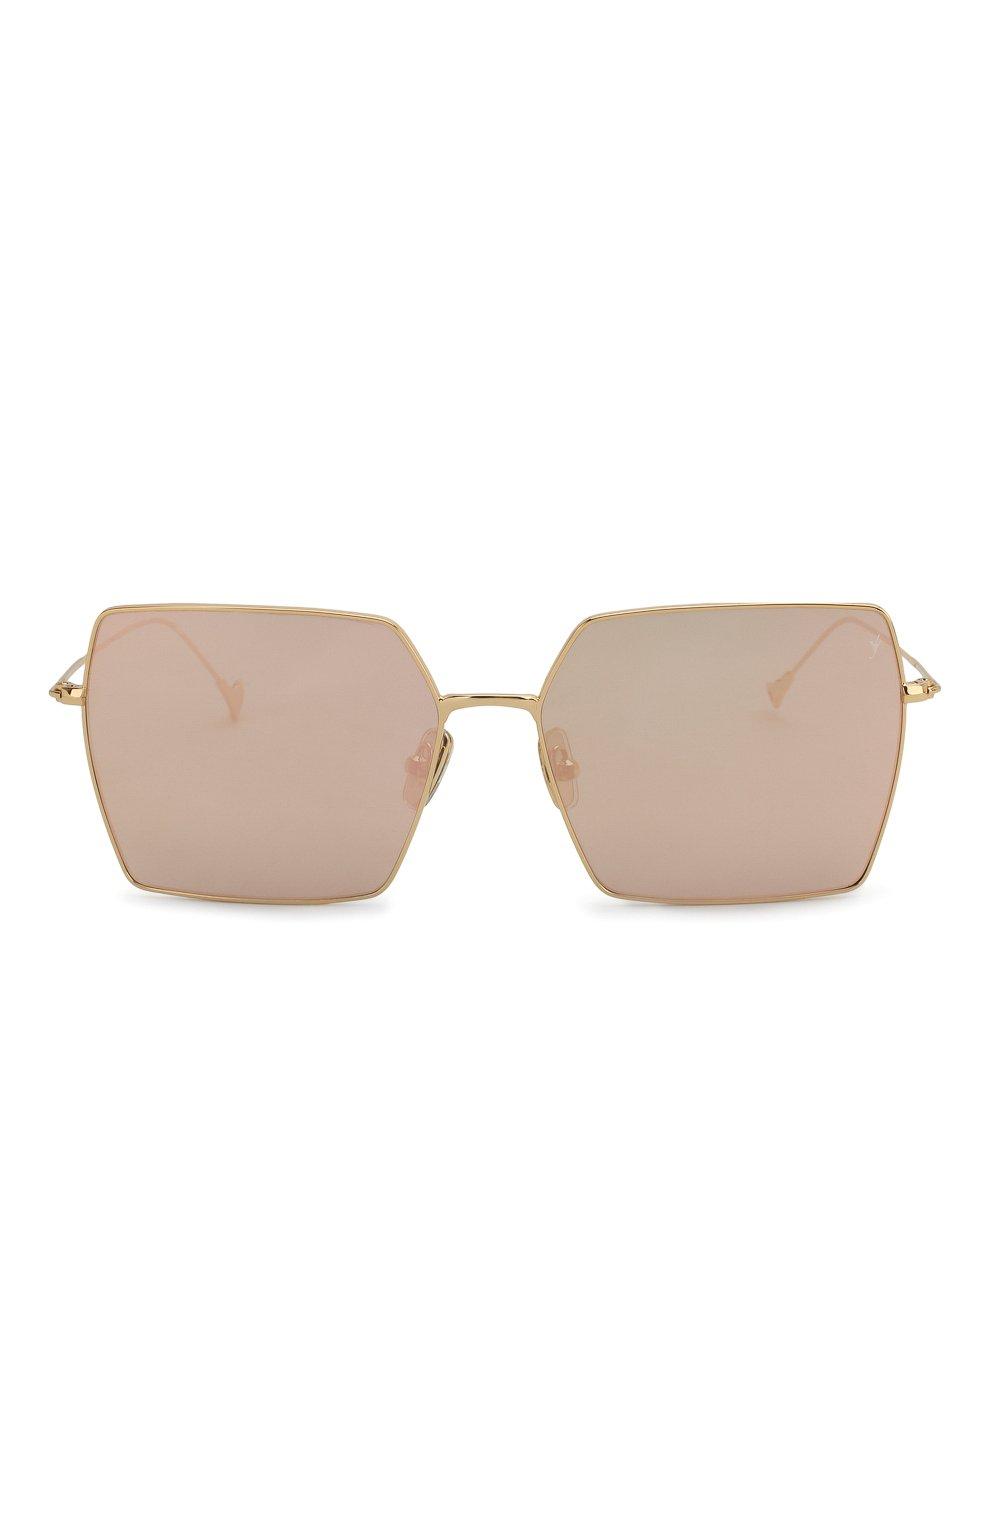 Женские солнцезащитные очки EYEPETIZER золотого цвета, арт. R0DINE 4-7C   Фото 3 (Тип очков: С/з; Очки форма: Квадратные; Оптика Гендер: оптика-унисекс)